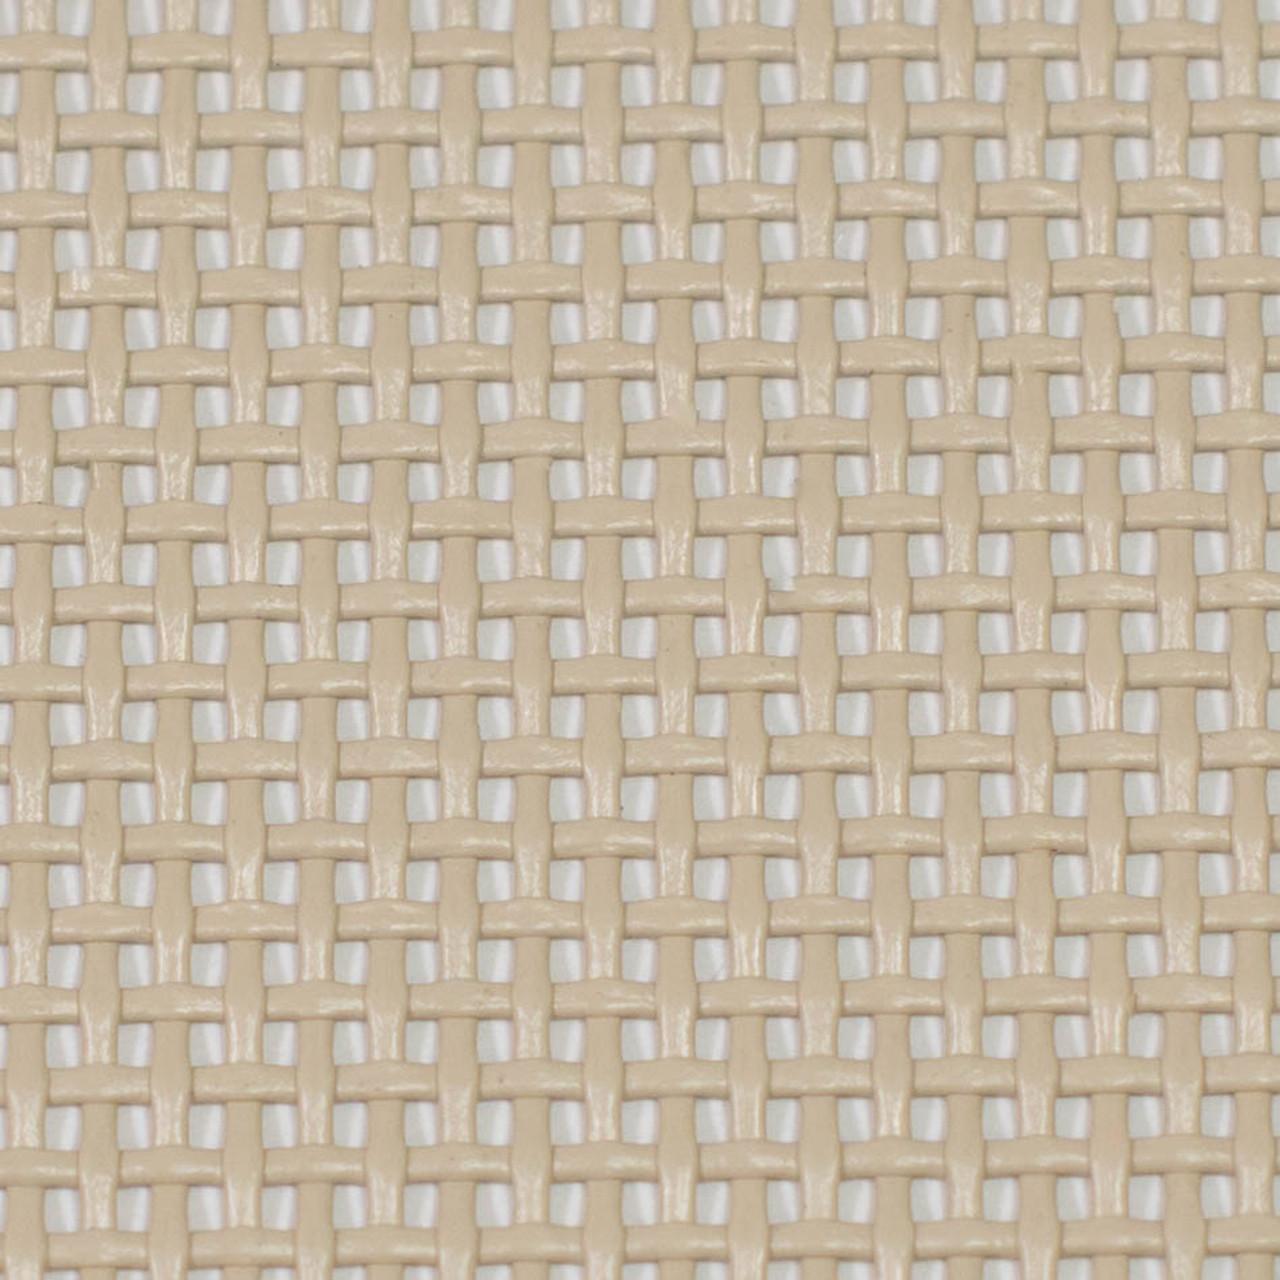 Driftwood Pet Screen 54 Inch x 25 Ft